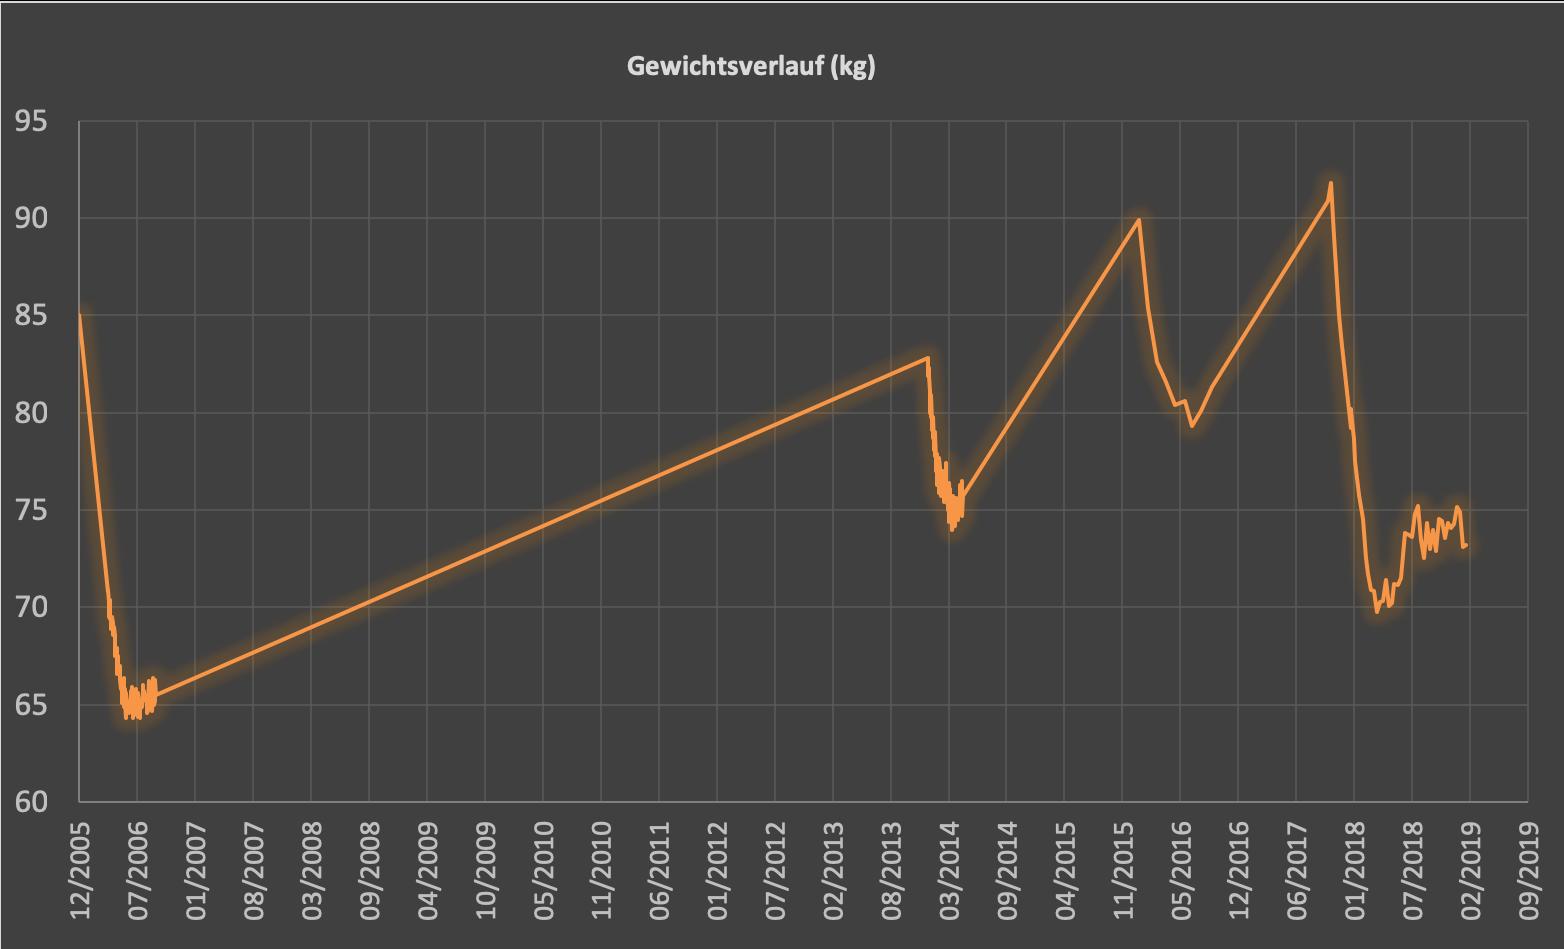 Gewichtsverlauf 2006-2018